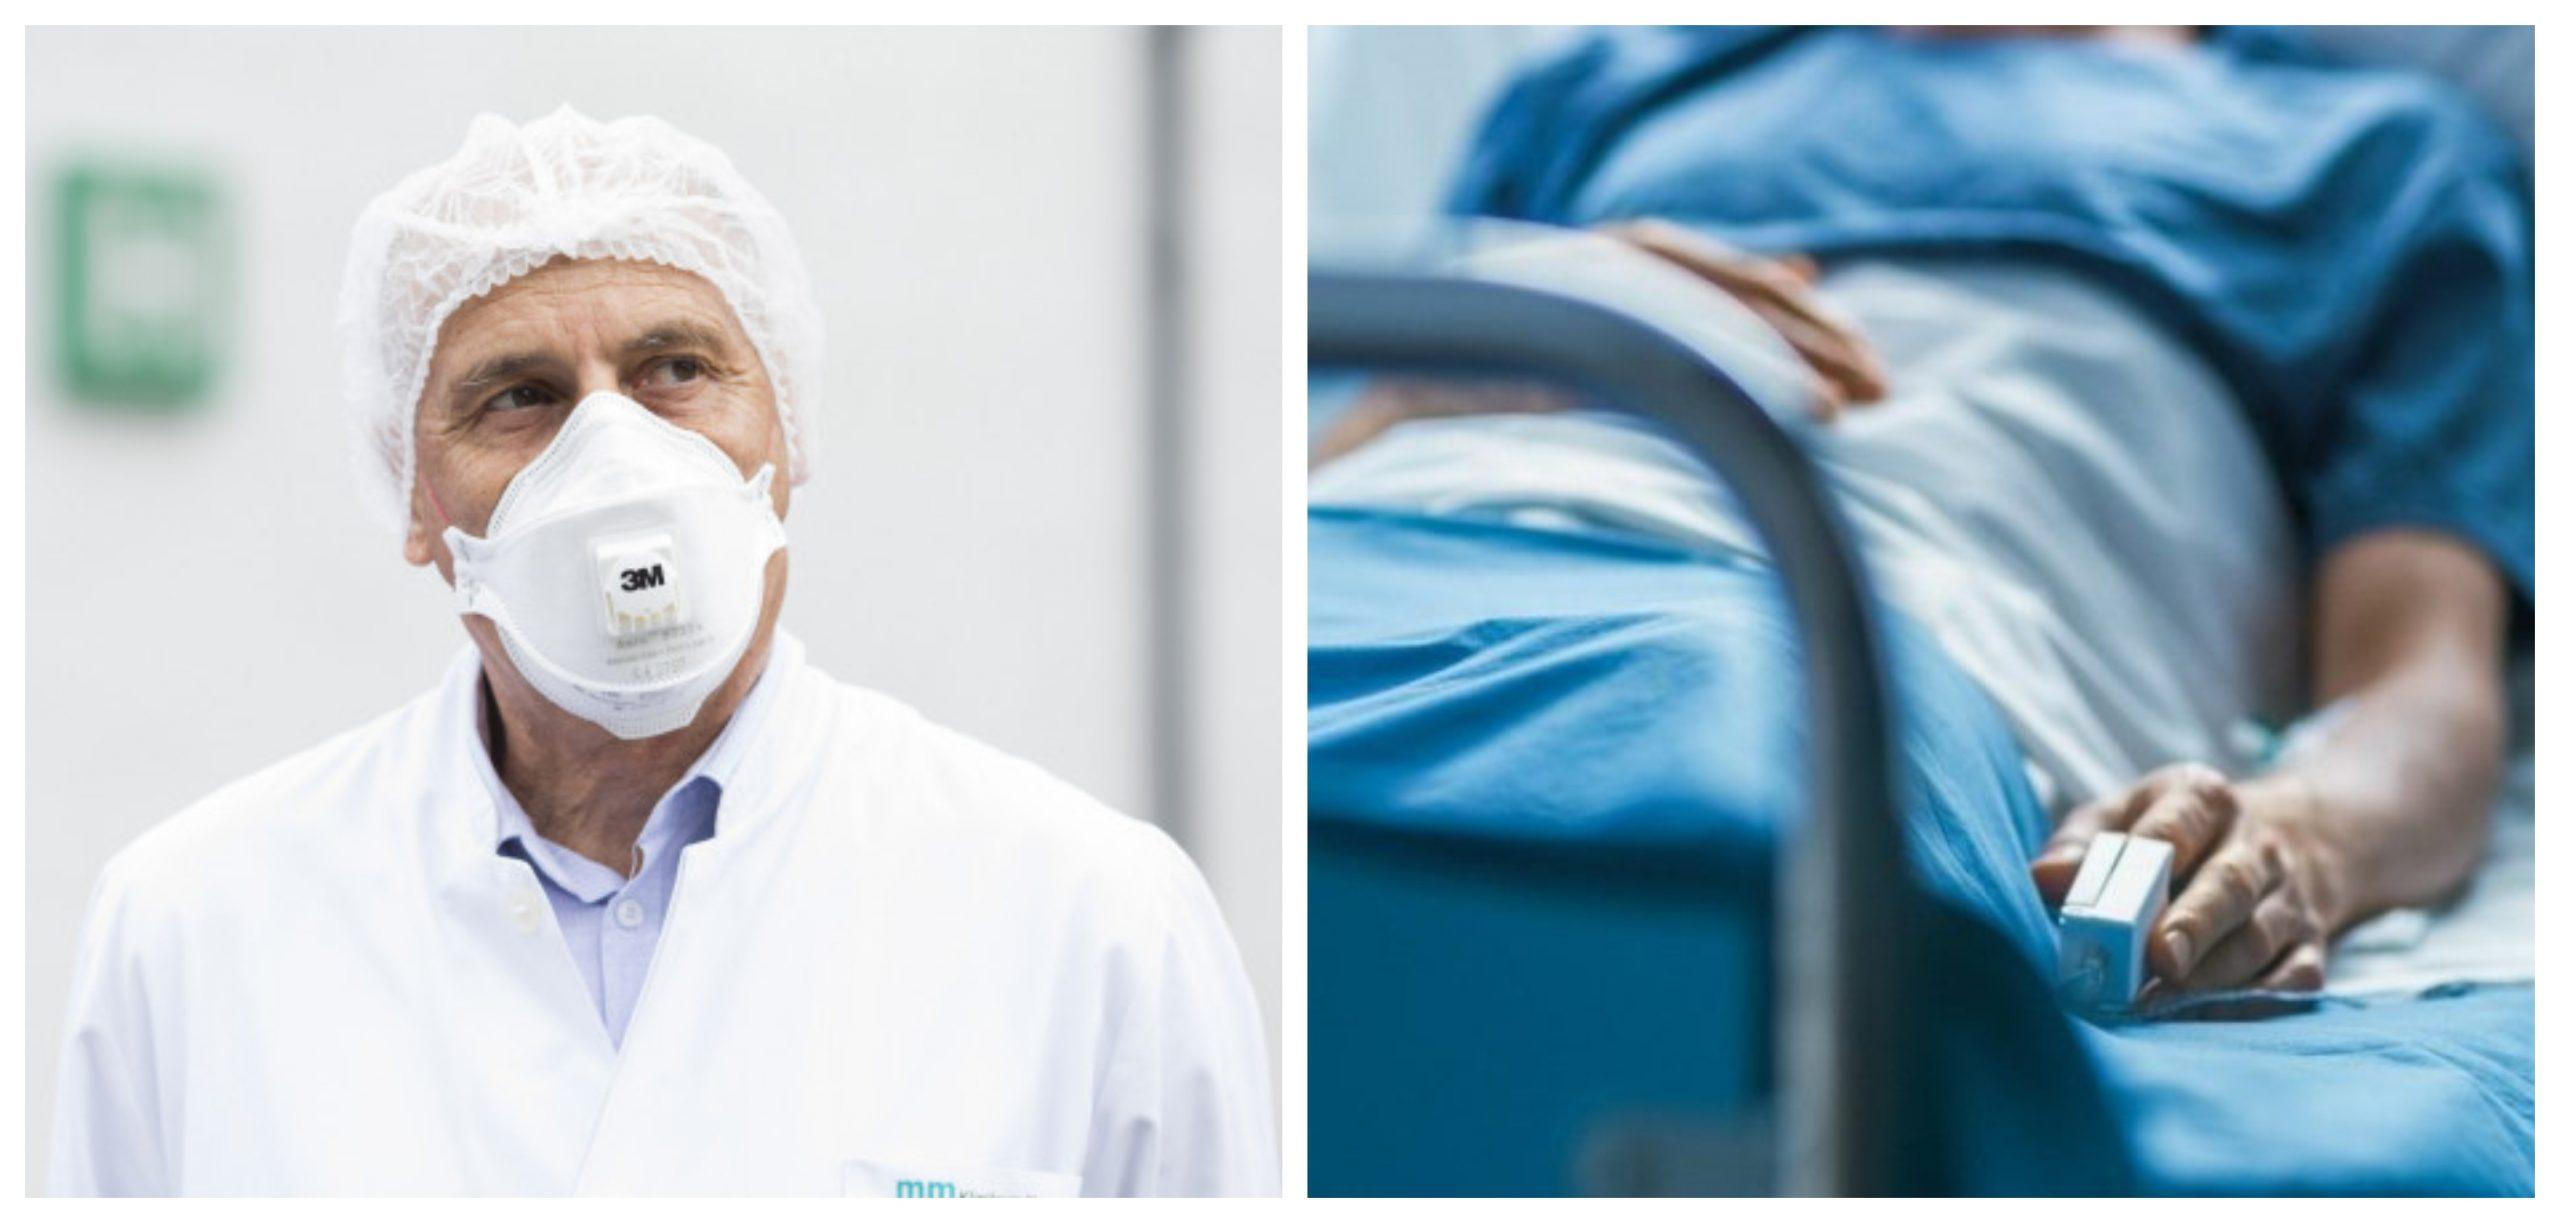 """Virgil Musta, recomandări pentru coronavirus: """"La primul simptom care sugerează răceală, izolați-vă!"""""""